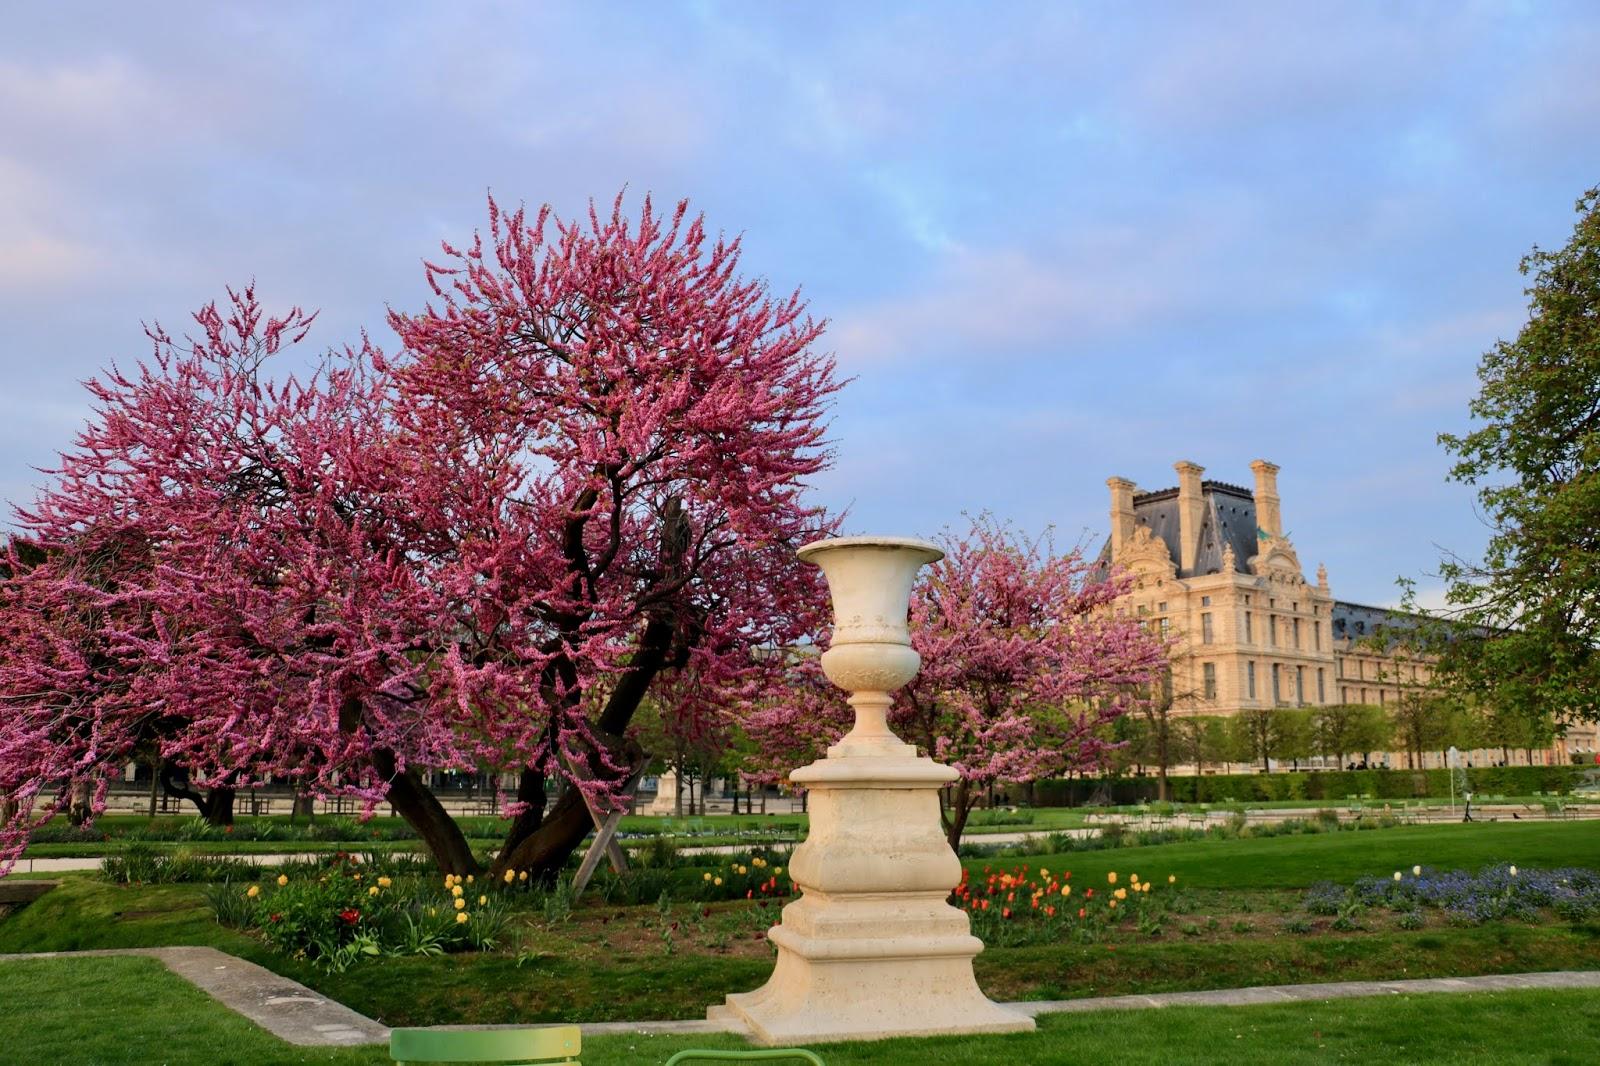 Tuileries Garden April 2019